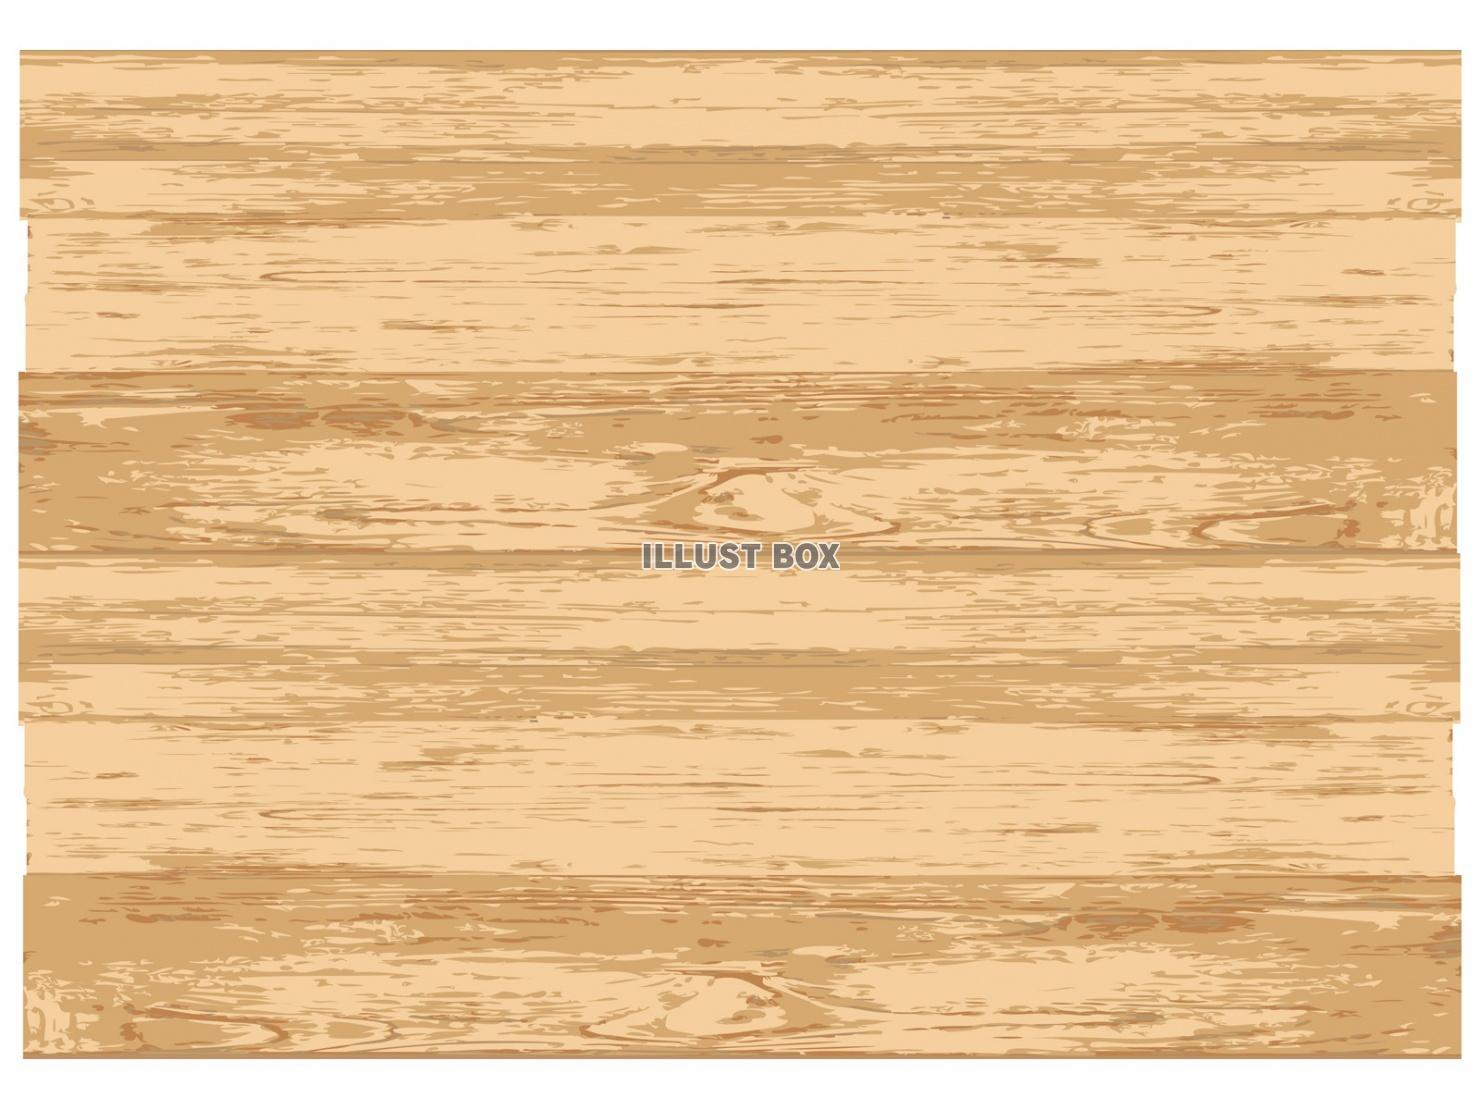 無料イラスト おしゃれフレーム枠木背景壁紙木目看板板ナチュラル